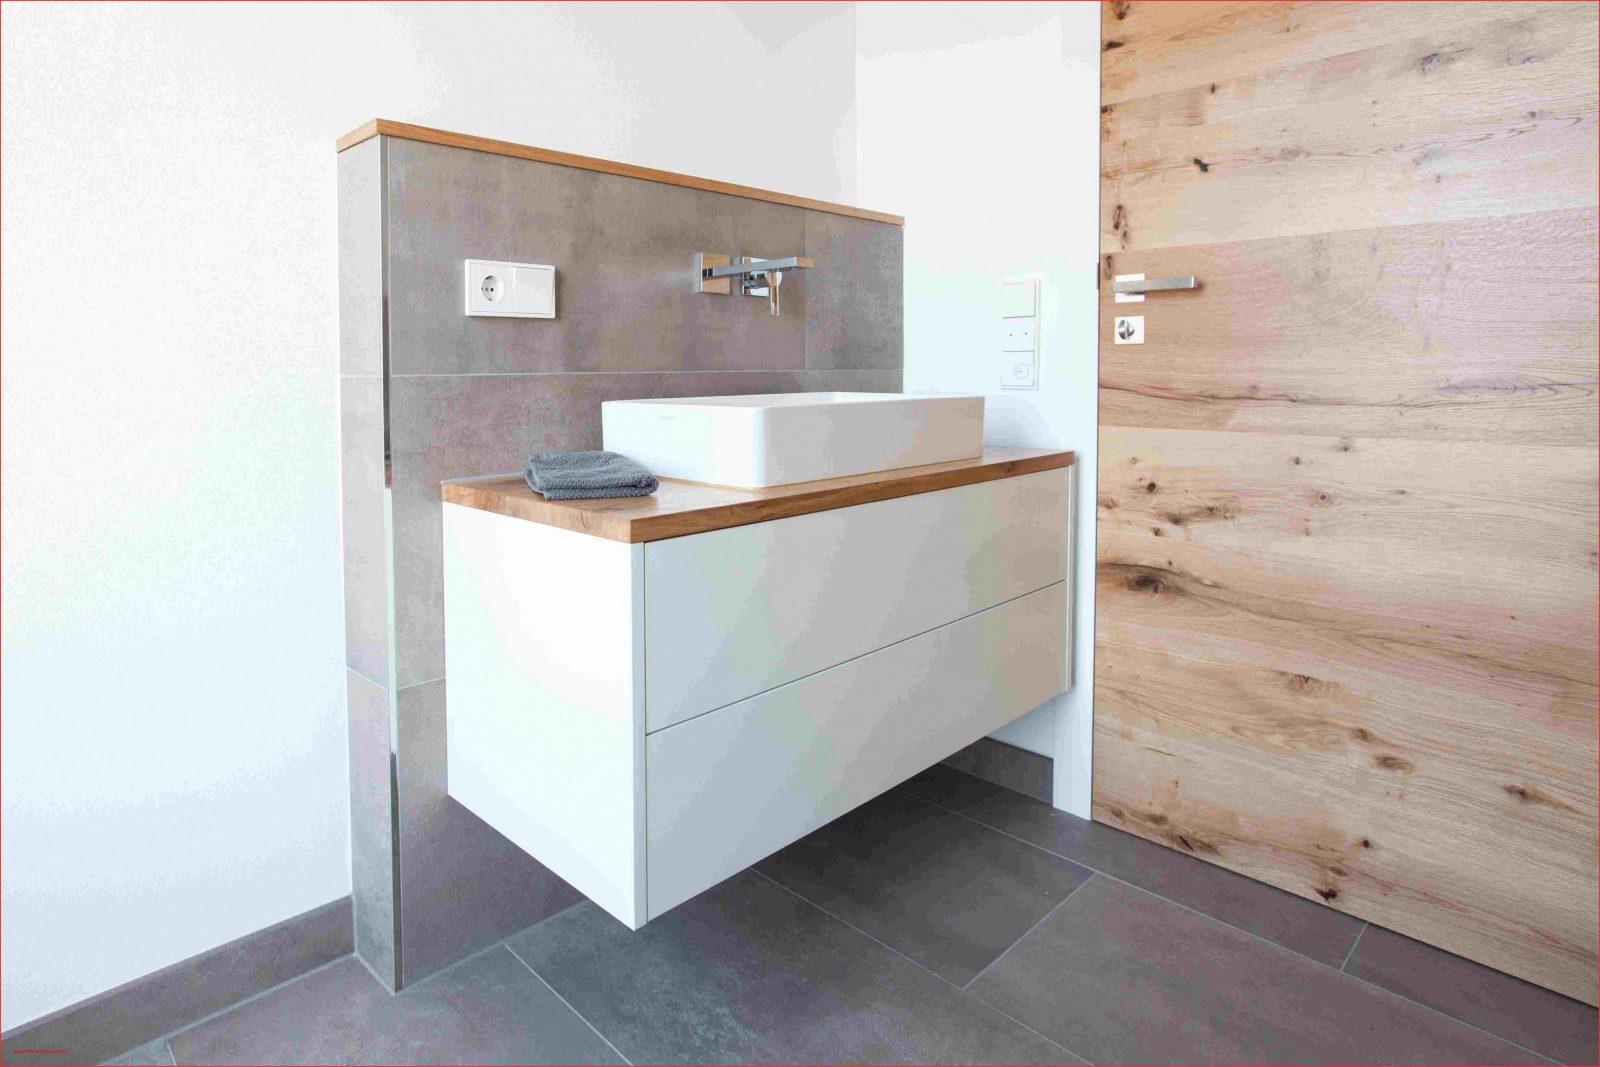 13 Neu Lager Von Badezimmer Ideen Fliesen von Badezimmer Fliesen Design Ideen Photo